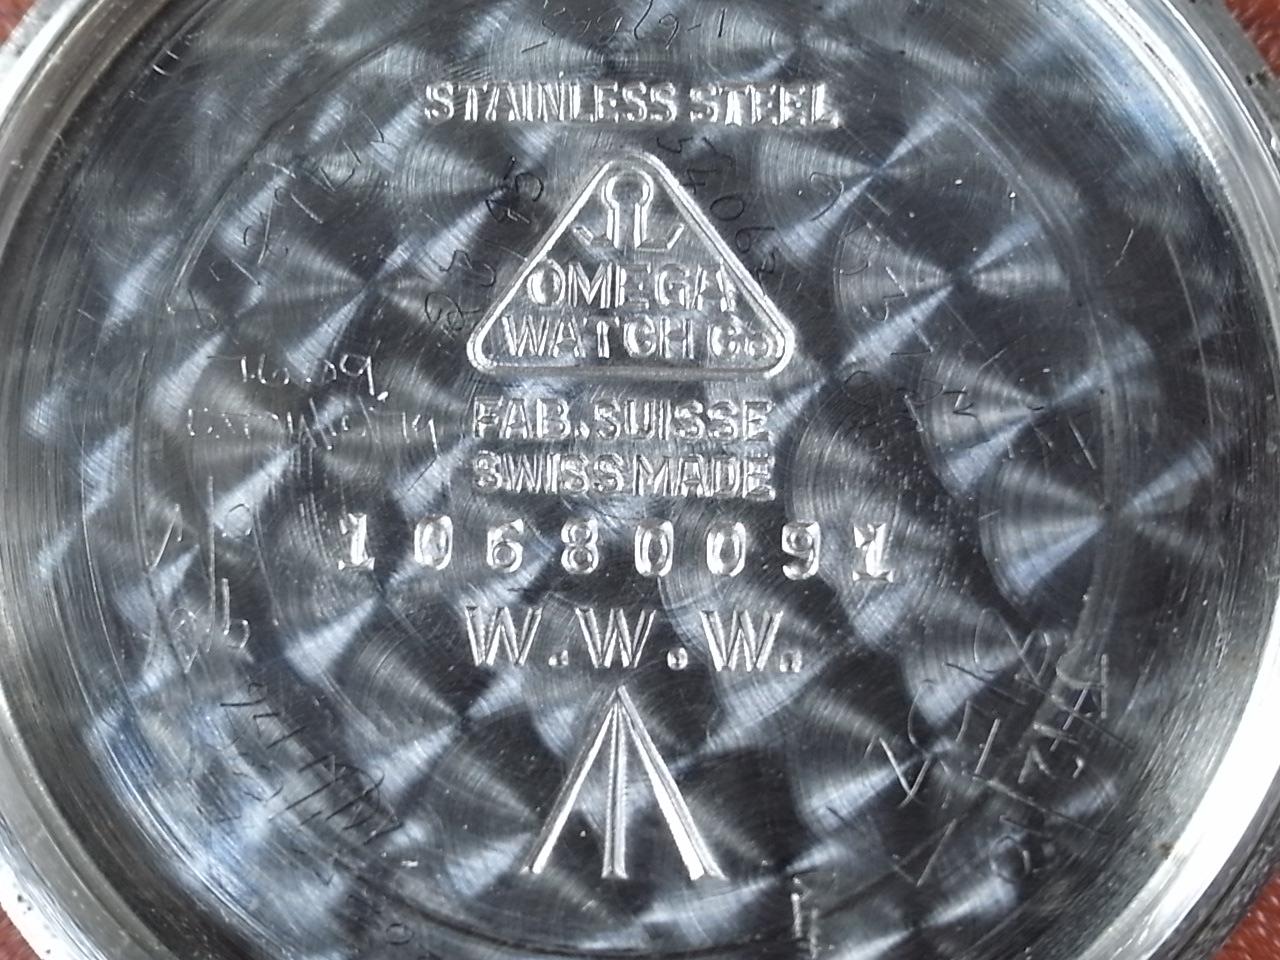 オメガ ミリタリー 英陸軍用 W.W.W. マニュアルワインド スモールセコンド スクリューバックの写真6枚目